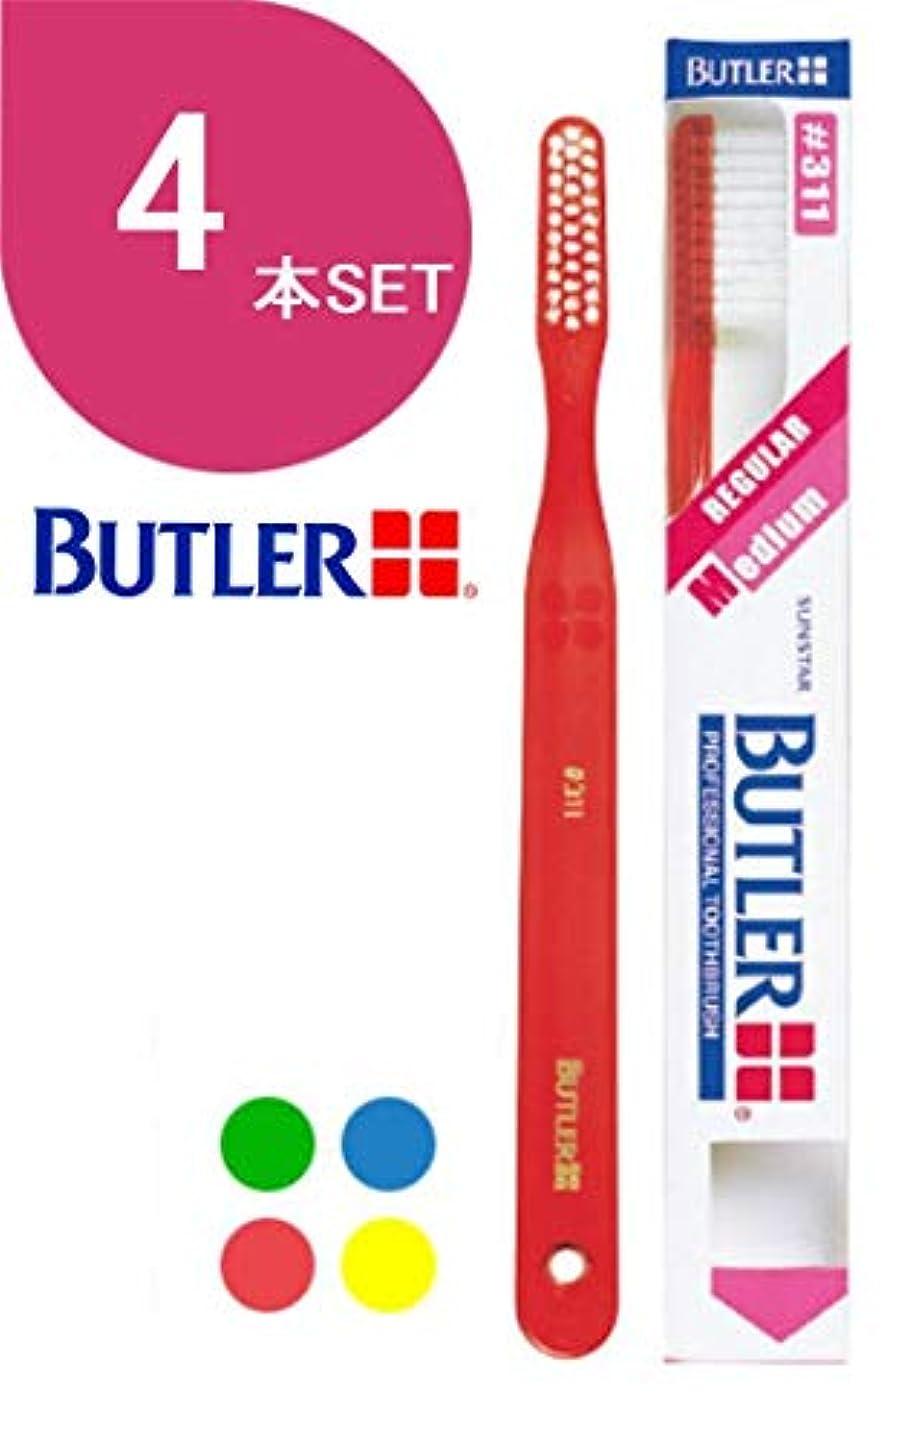 注ぎます物理的な危険なサンスター バトラー(BUTLER) 歯ブラシ 4本 #311